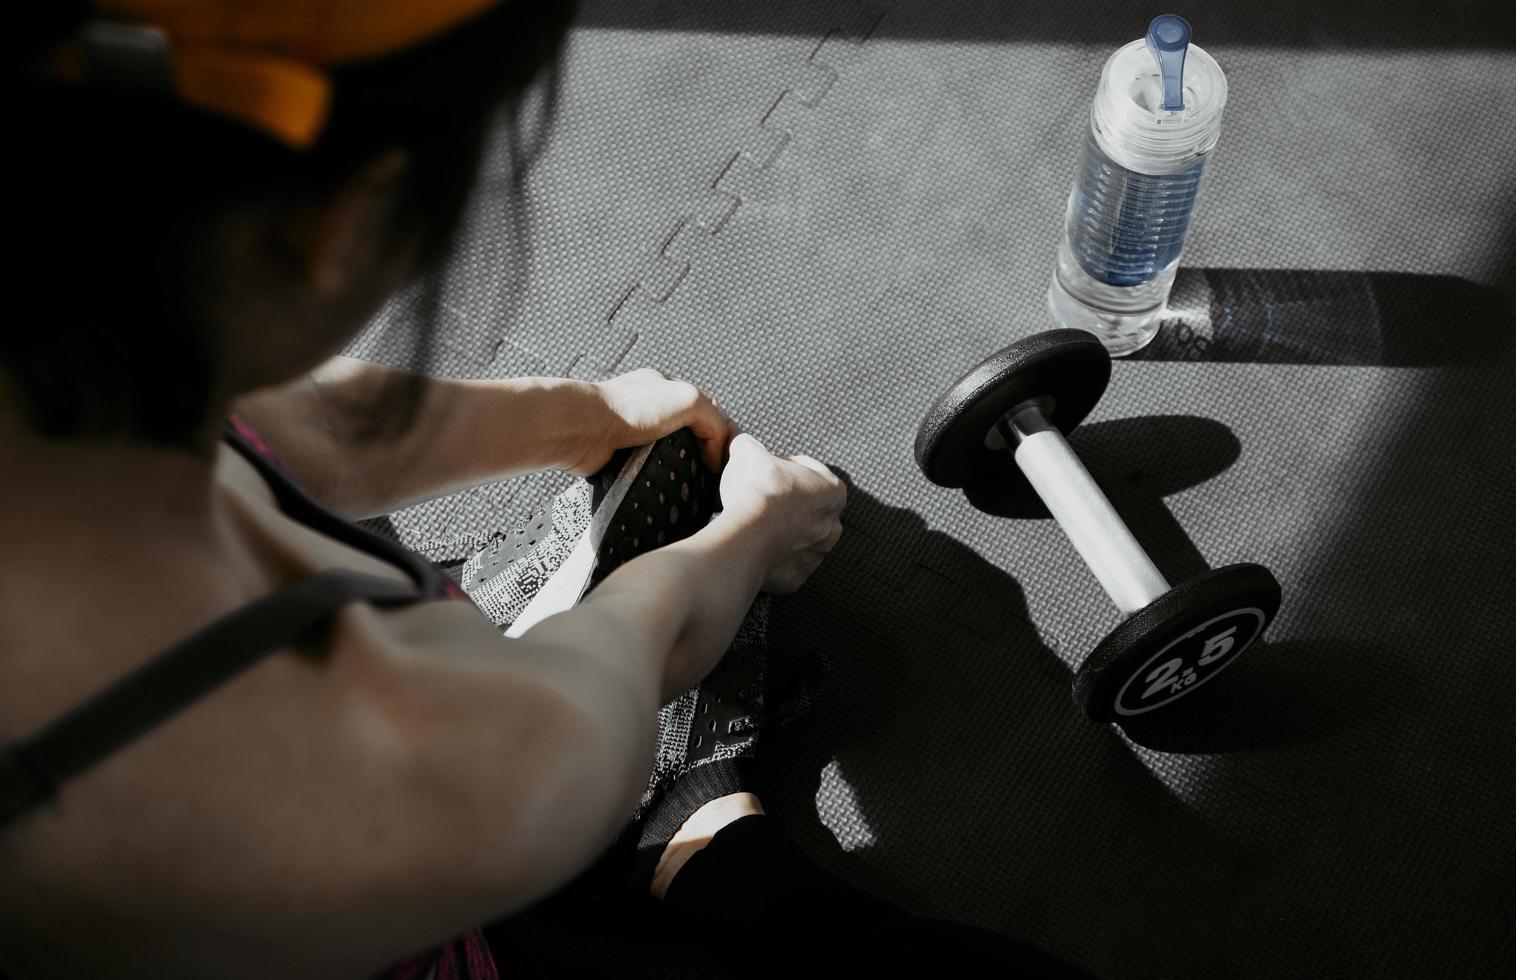 donna che lega i lacci delle scarpe. Close up del corridore di fitness sport femminile si prepara per fare jogging in palestra foto